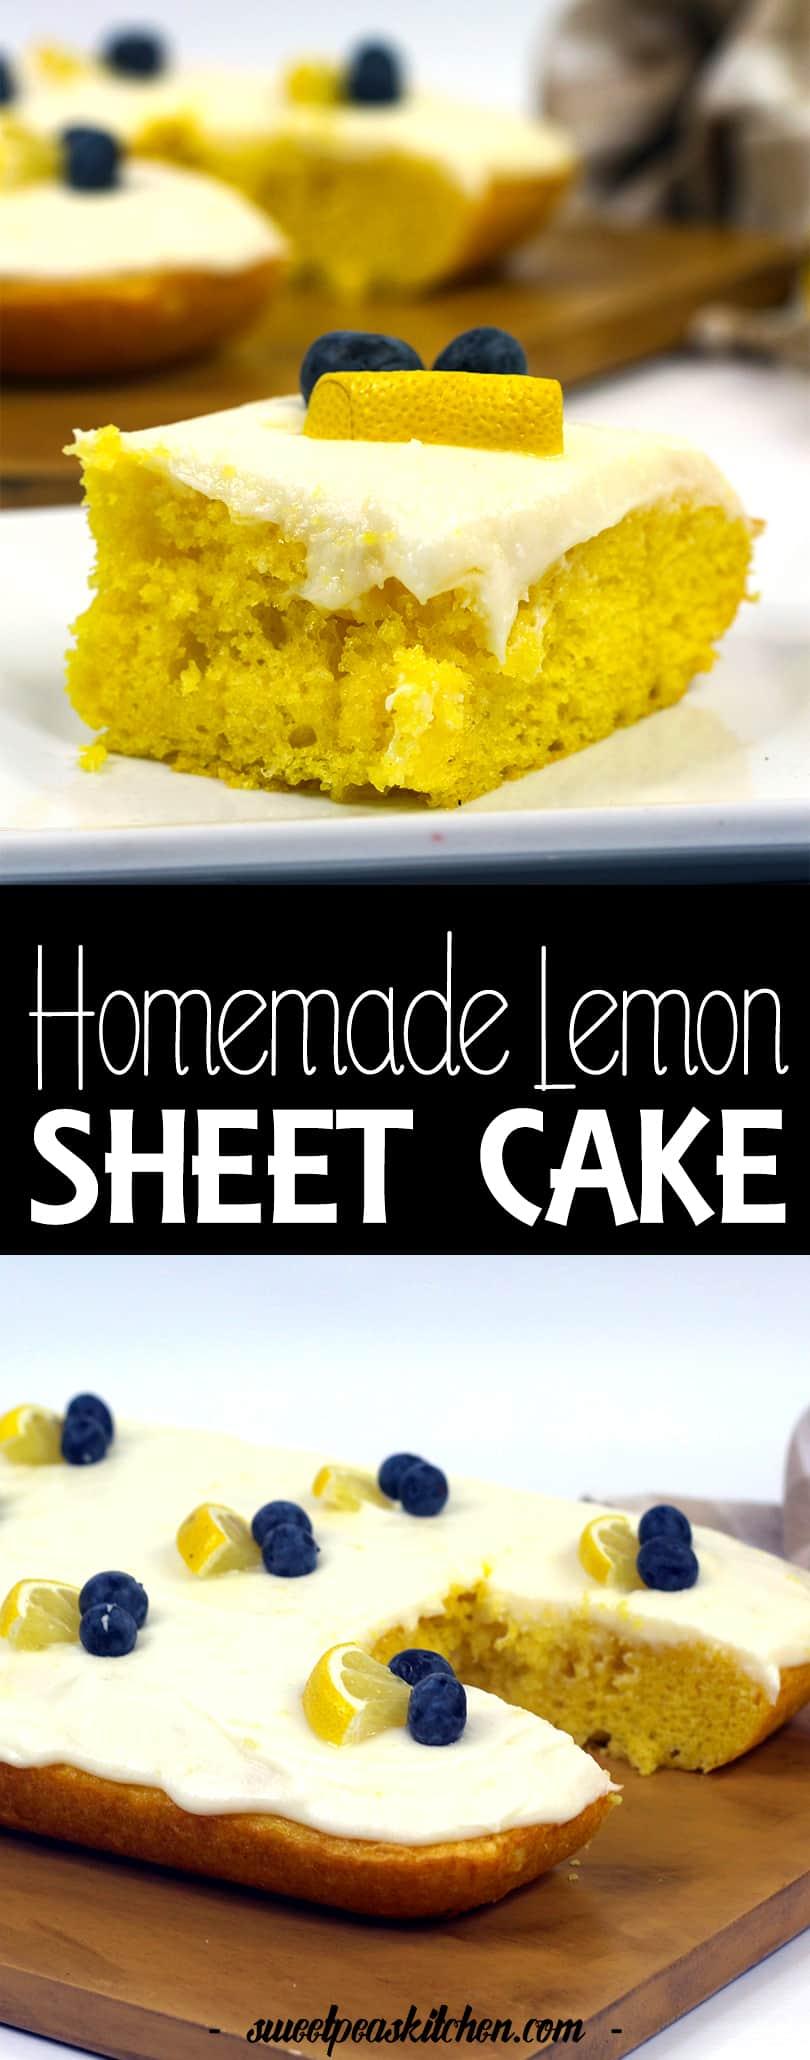 Easy Homemade Lemon Sheet Cake Recipe